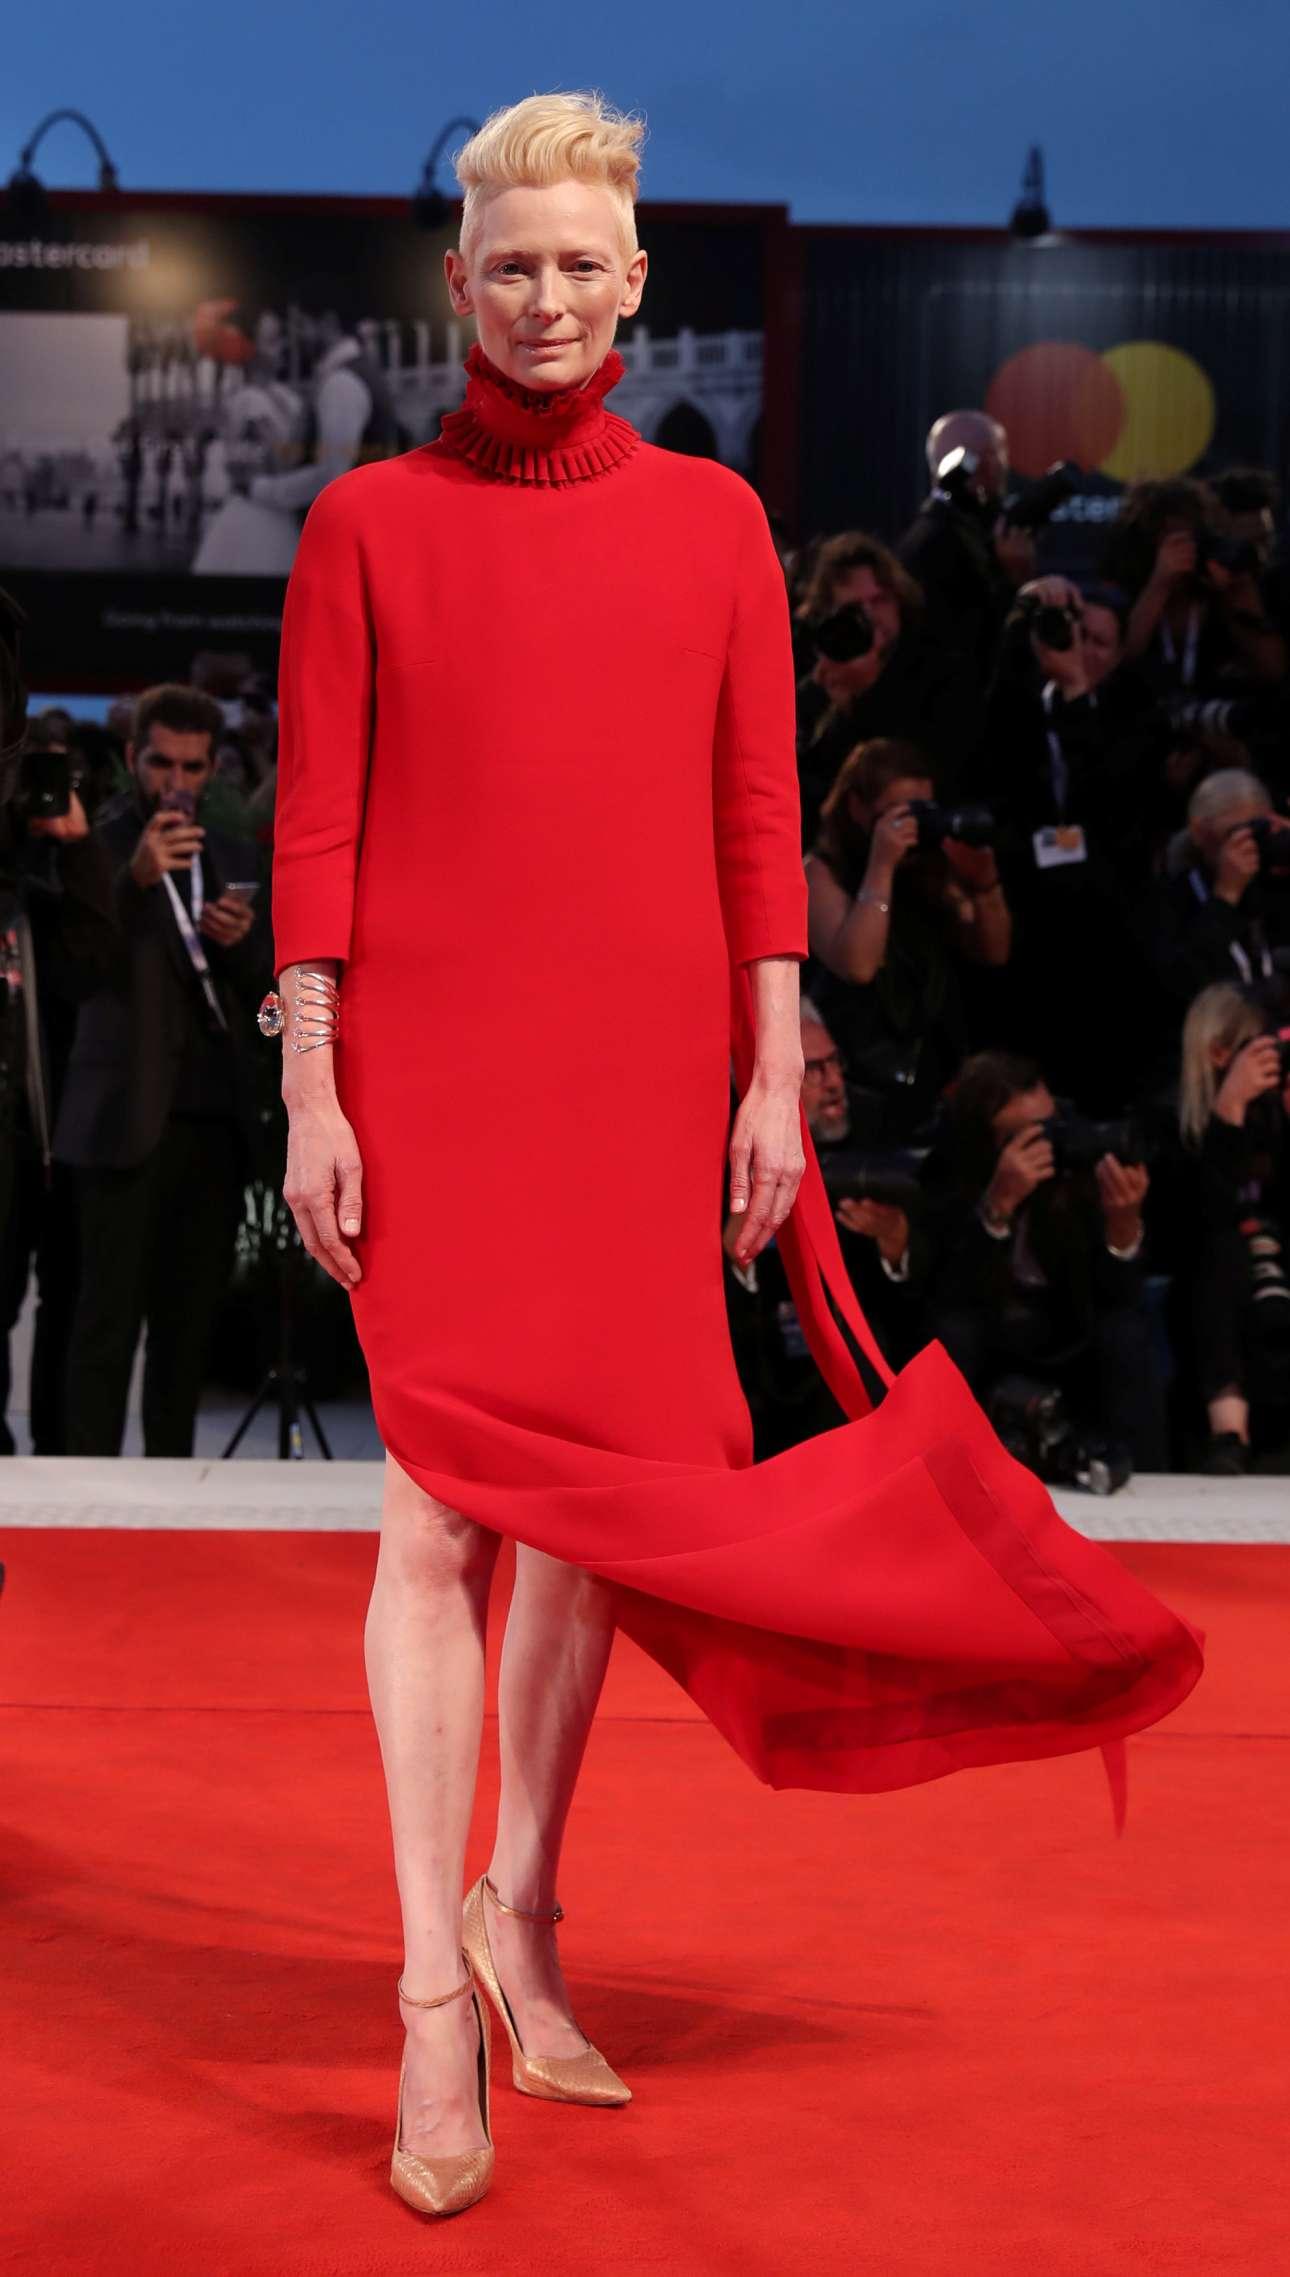 Η μούσα του σκηνοθέτη Λούκα Γκουαντανίνο με ένα κόκκινο, μακρύ φόρεμα Haider Ackermann στην προβολή της νέας τους ταινίας «Suspiria»